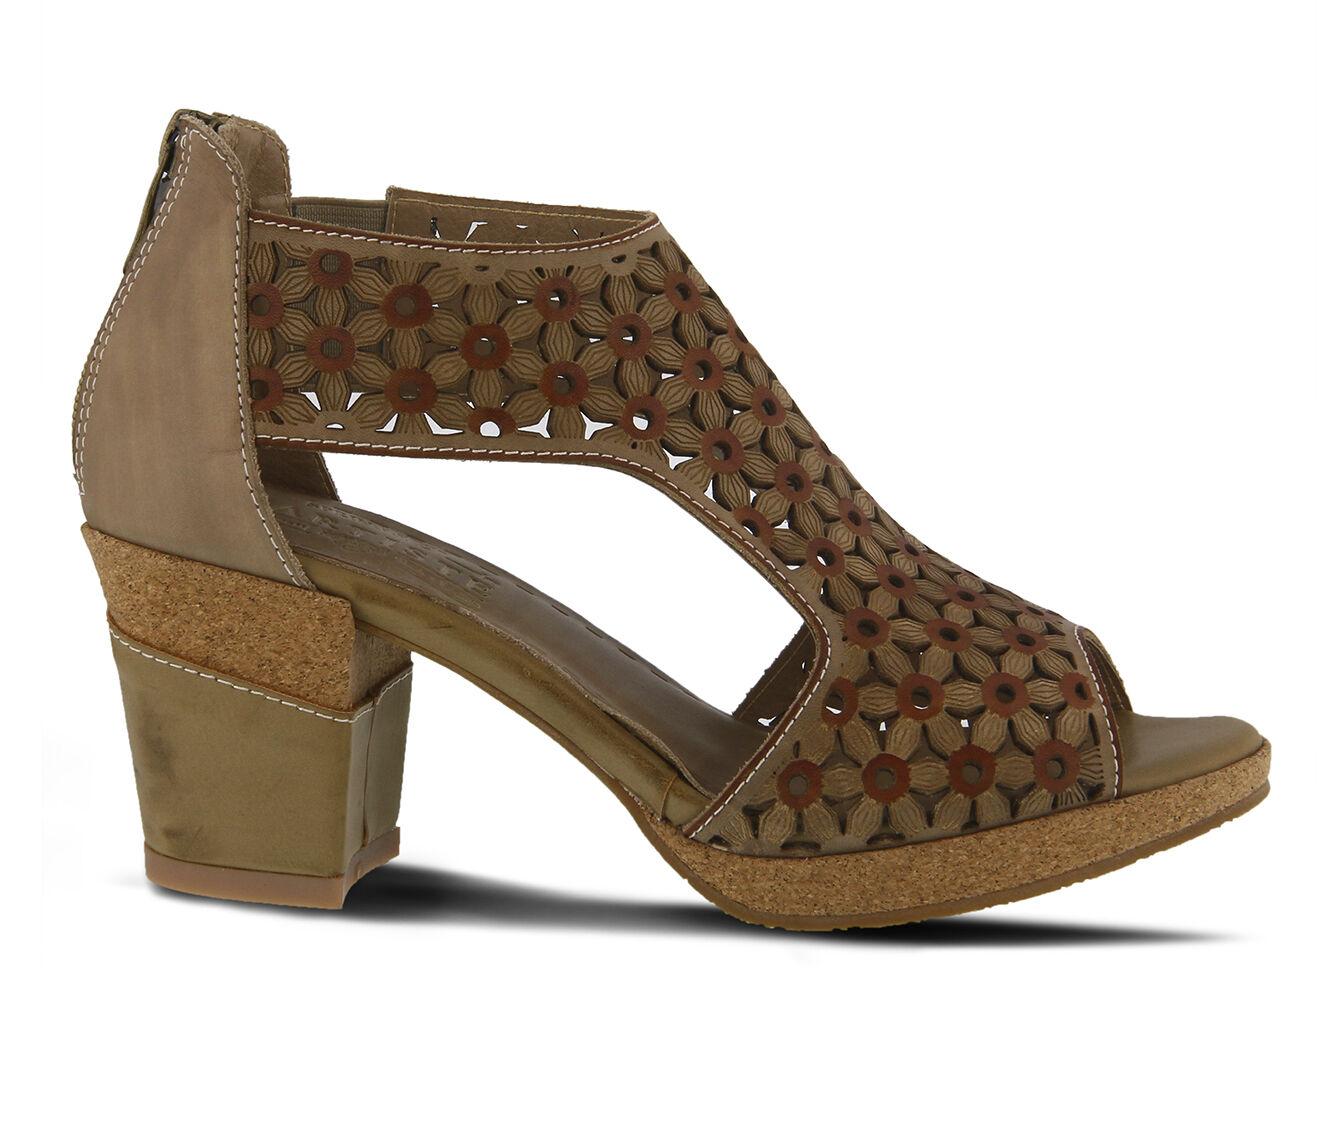 get cheap authentic Women's L'ARTISTE Hibiskus Dress Sandals Taupe